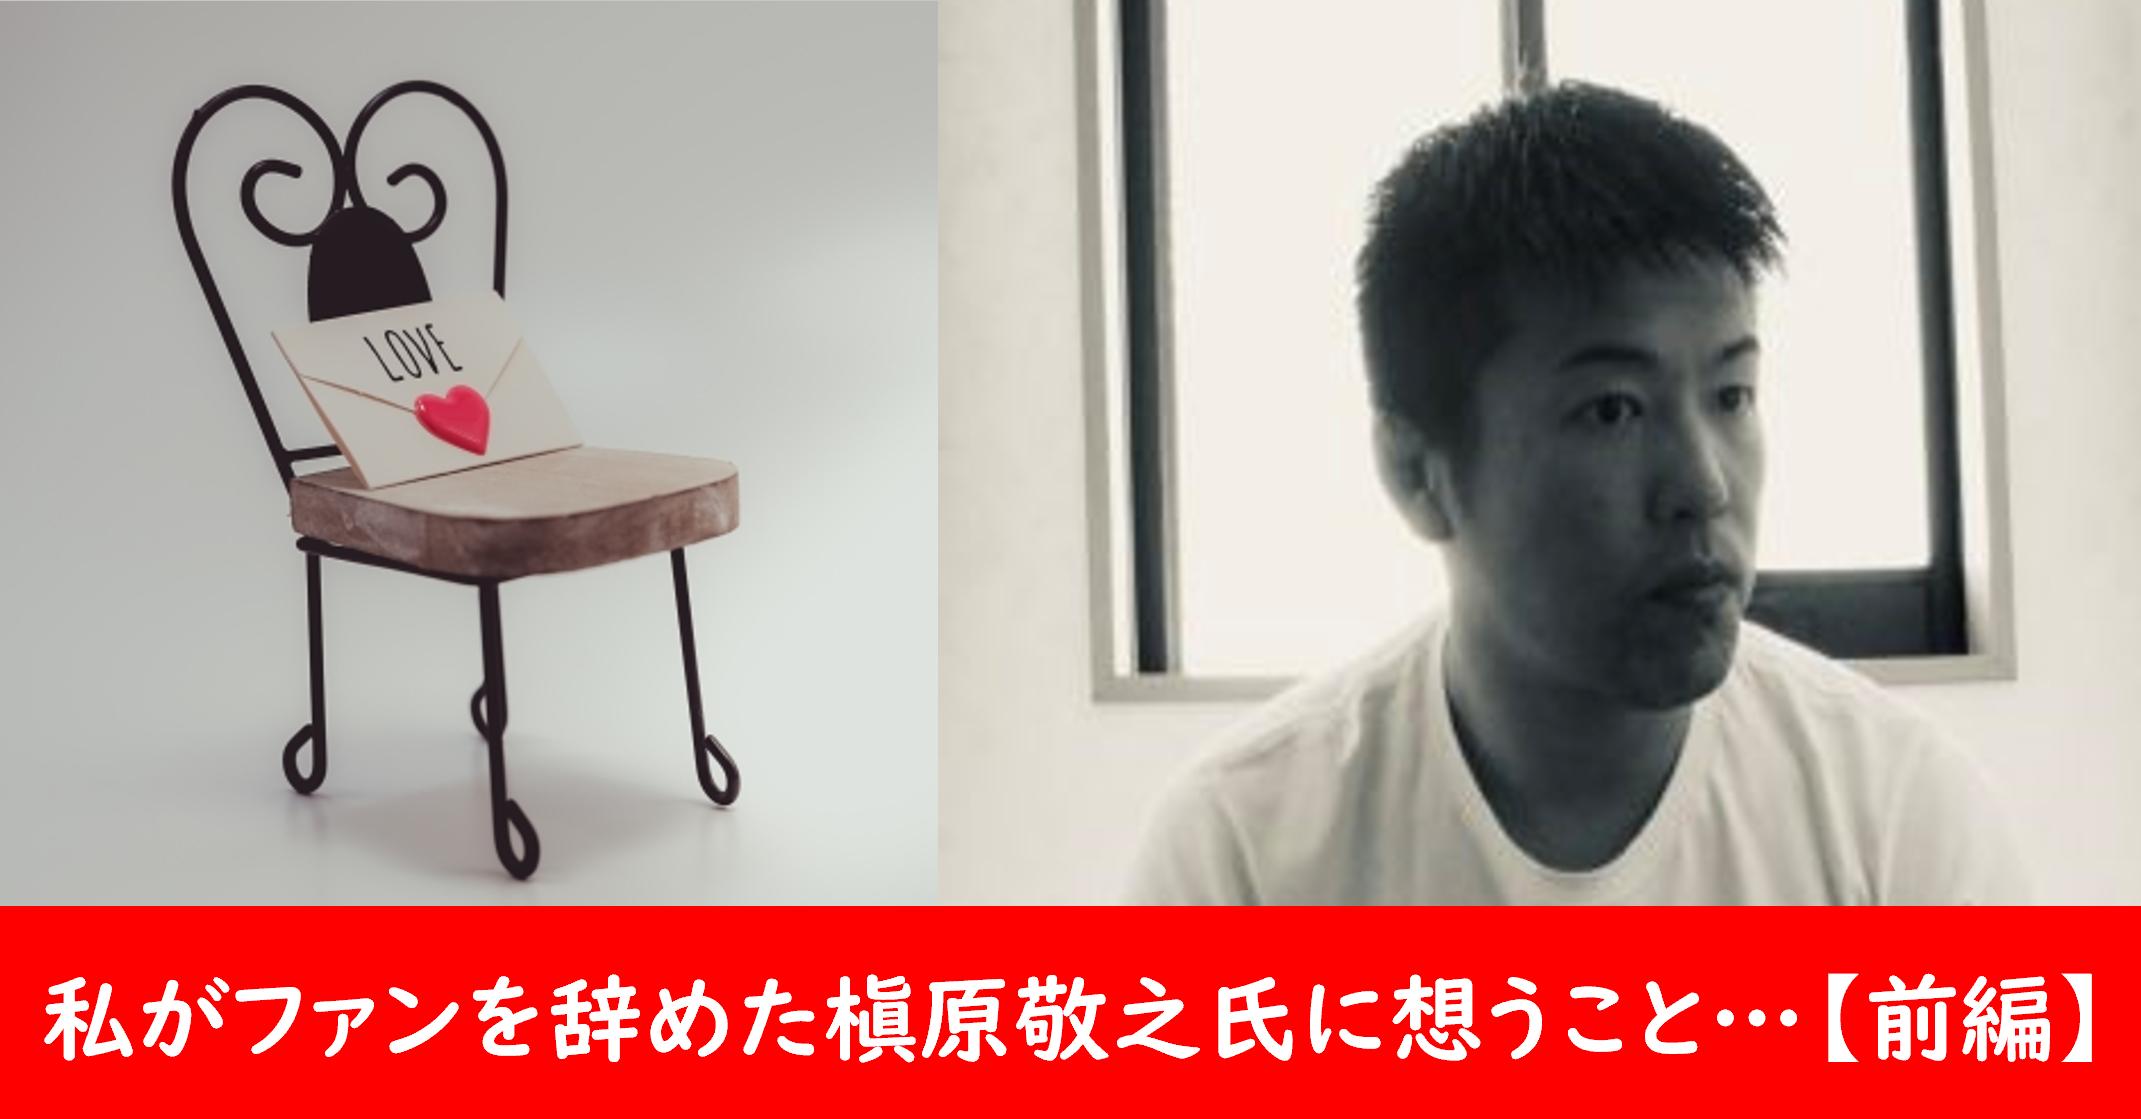 槇原敬之氏の判決を受けてのブログです